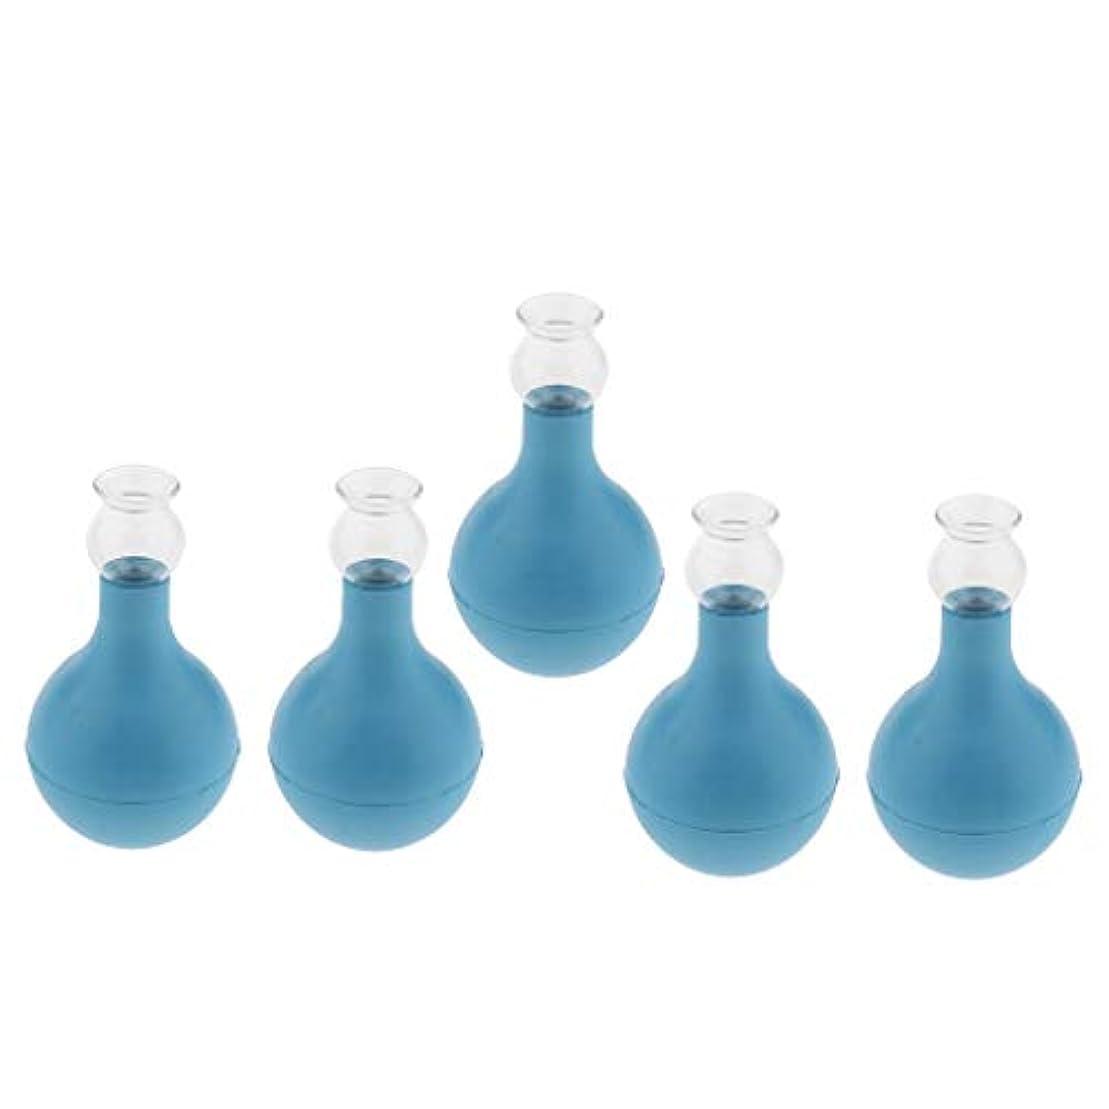 マリンゲインセイ憂鬱5個 セルライト対策 カッピング ガラス/シリコン マッサージ吸い玉 使いやすい 腫脹緩和 2種選ぶ - ブルー+ブルー2cm, 2cm